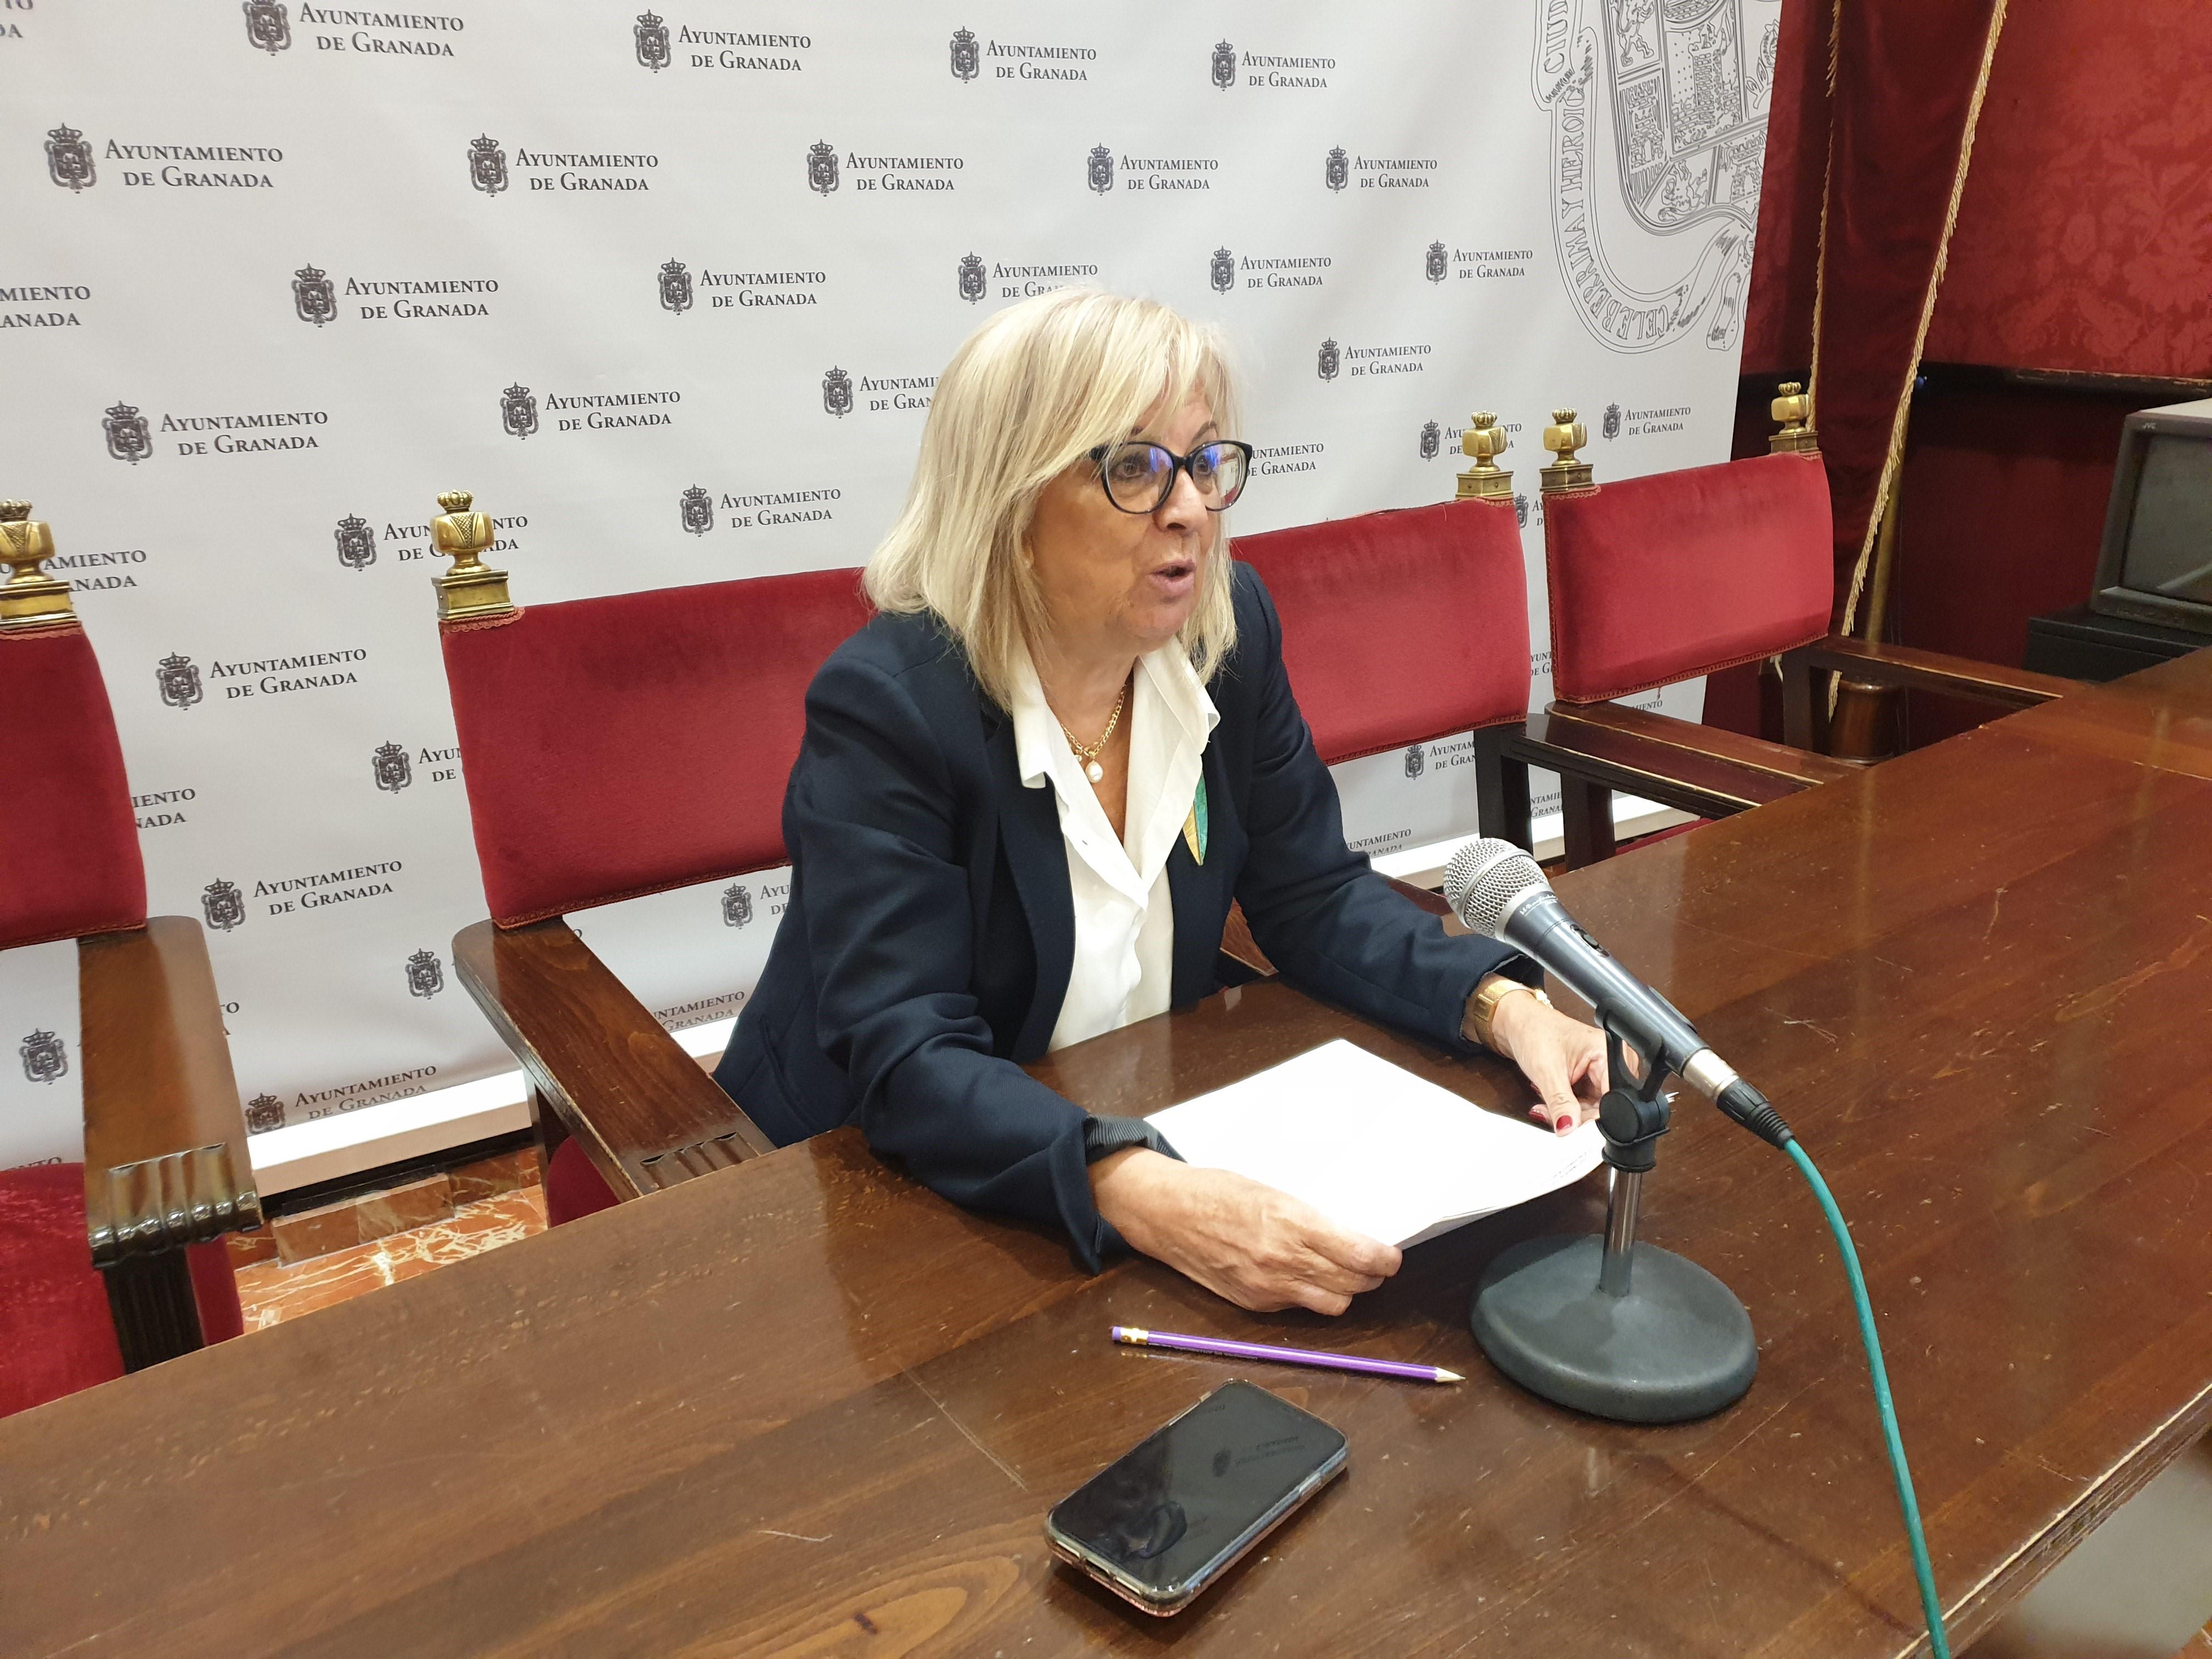 El PSOE lamenta que el Ayuntamiento haya cancelado el Festival de Títeres Quiquiriquí